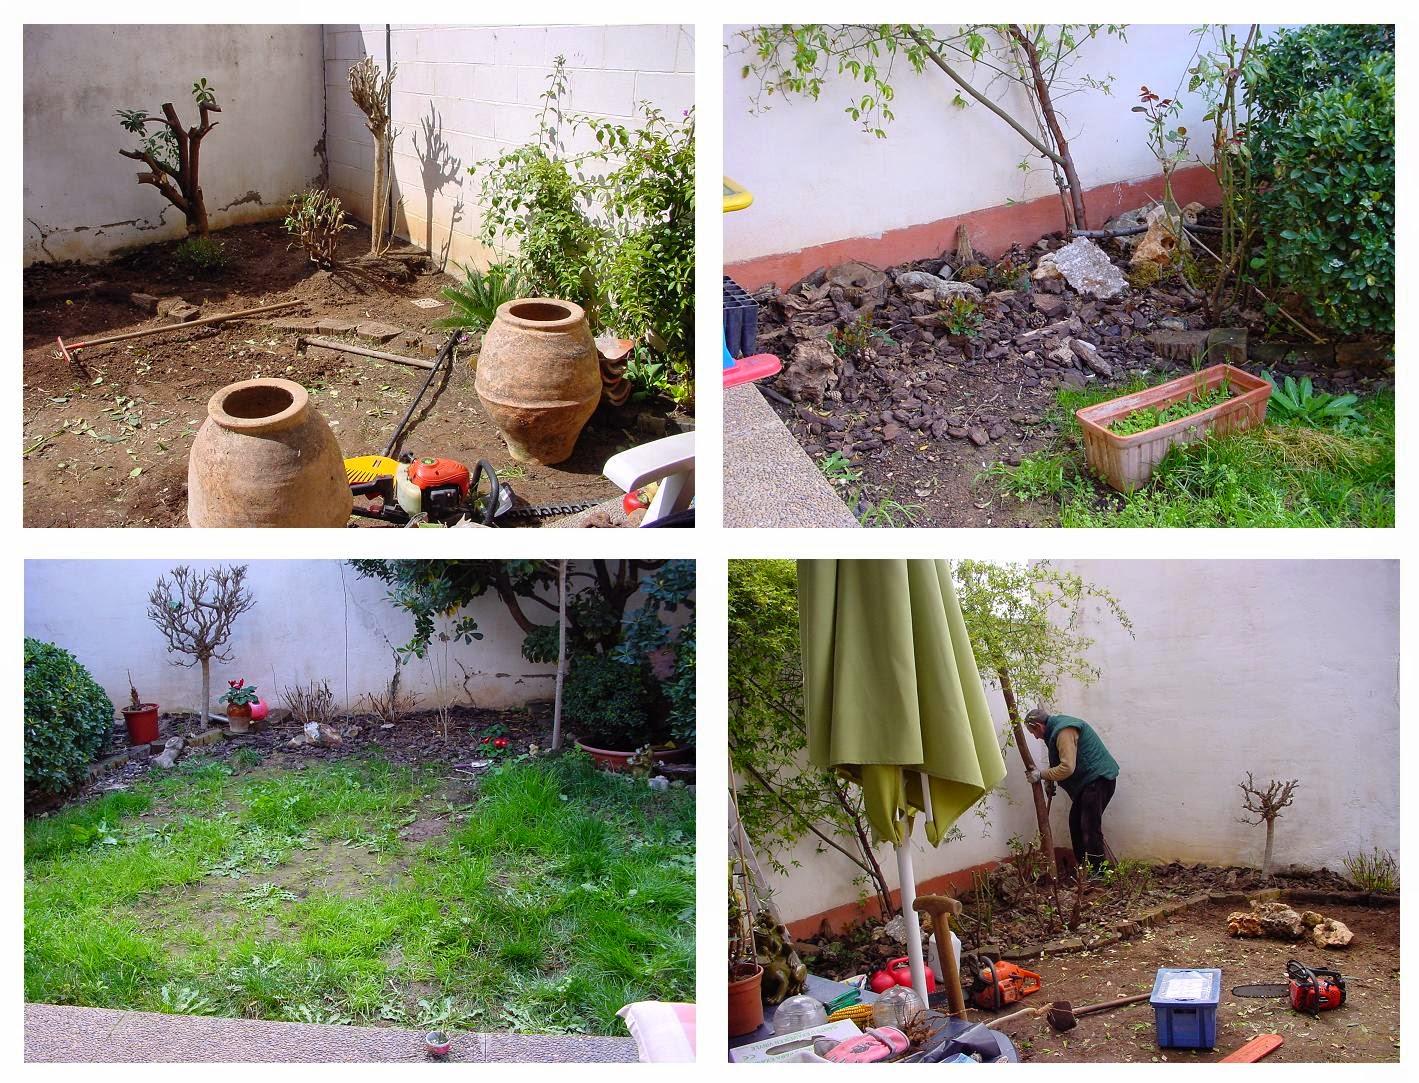 Jardineria eladio nonay el jard n de susana jardiner a - Jardineria eladio nonay ...